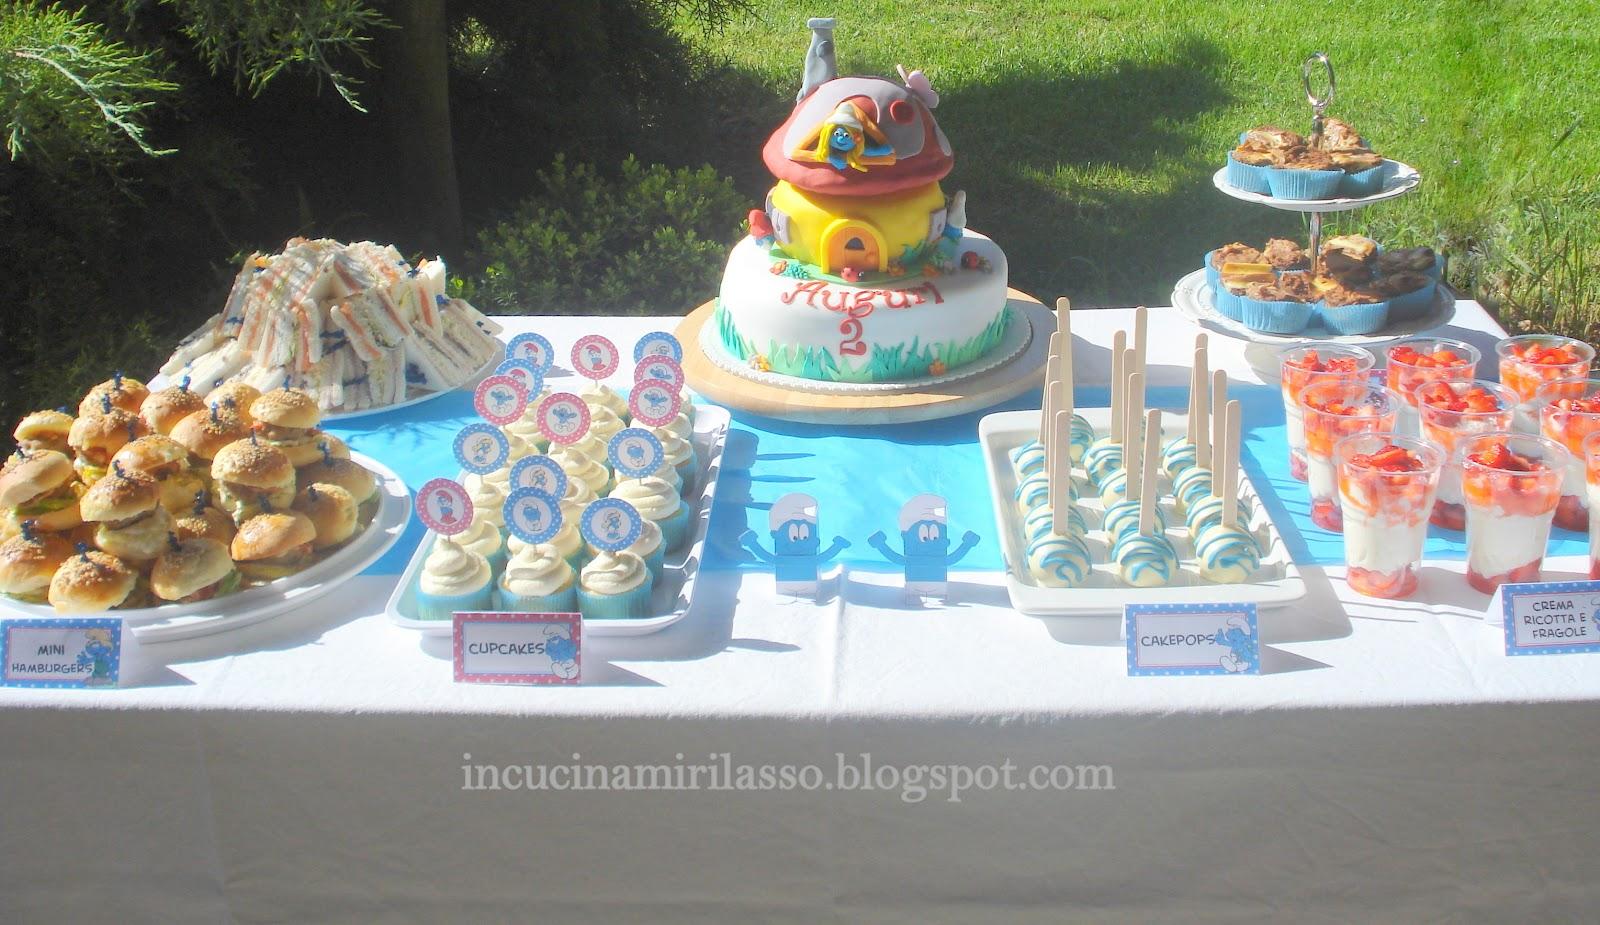 Buffet Di Dolci Per Bambini : In cucina mi rilasso torta e buffet per i due anni di nove